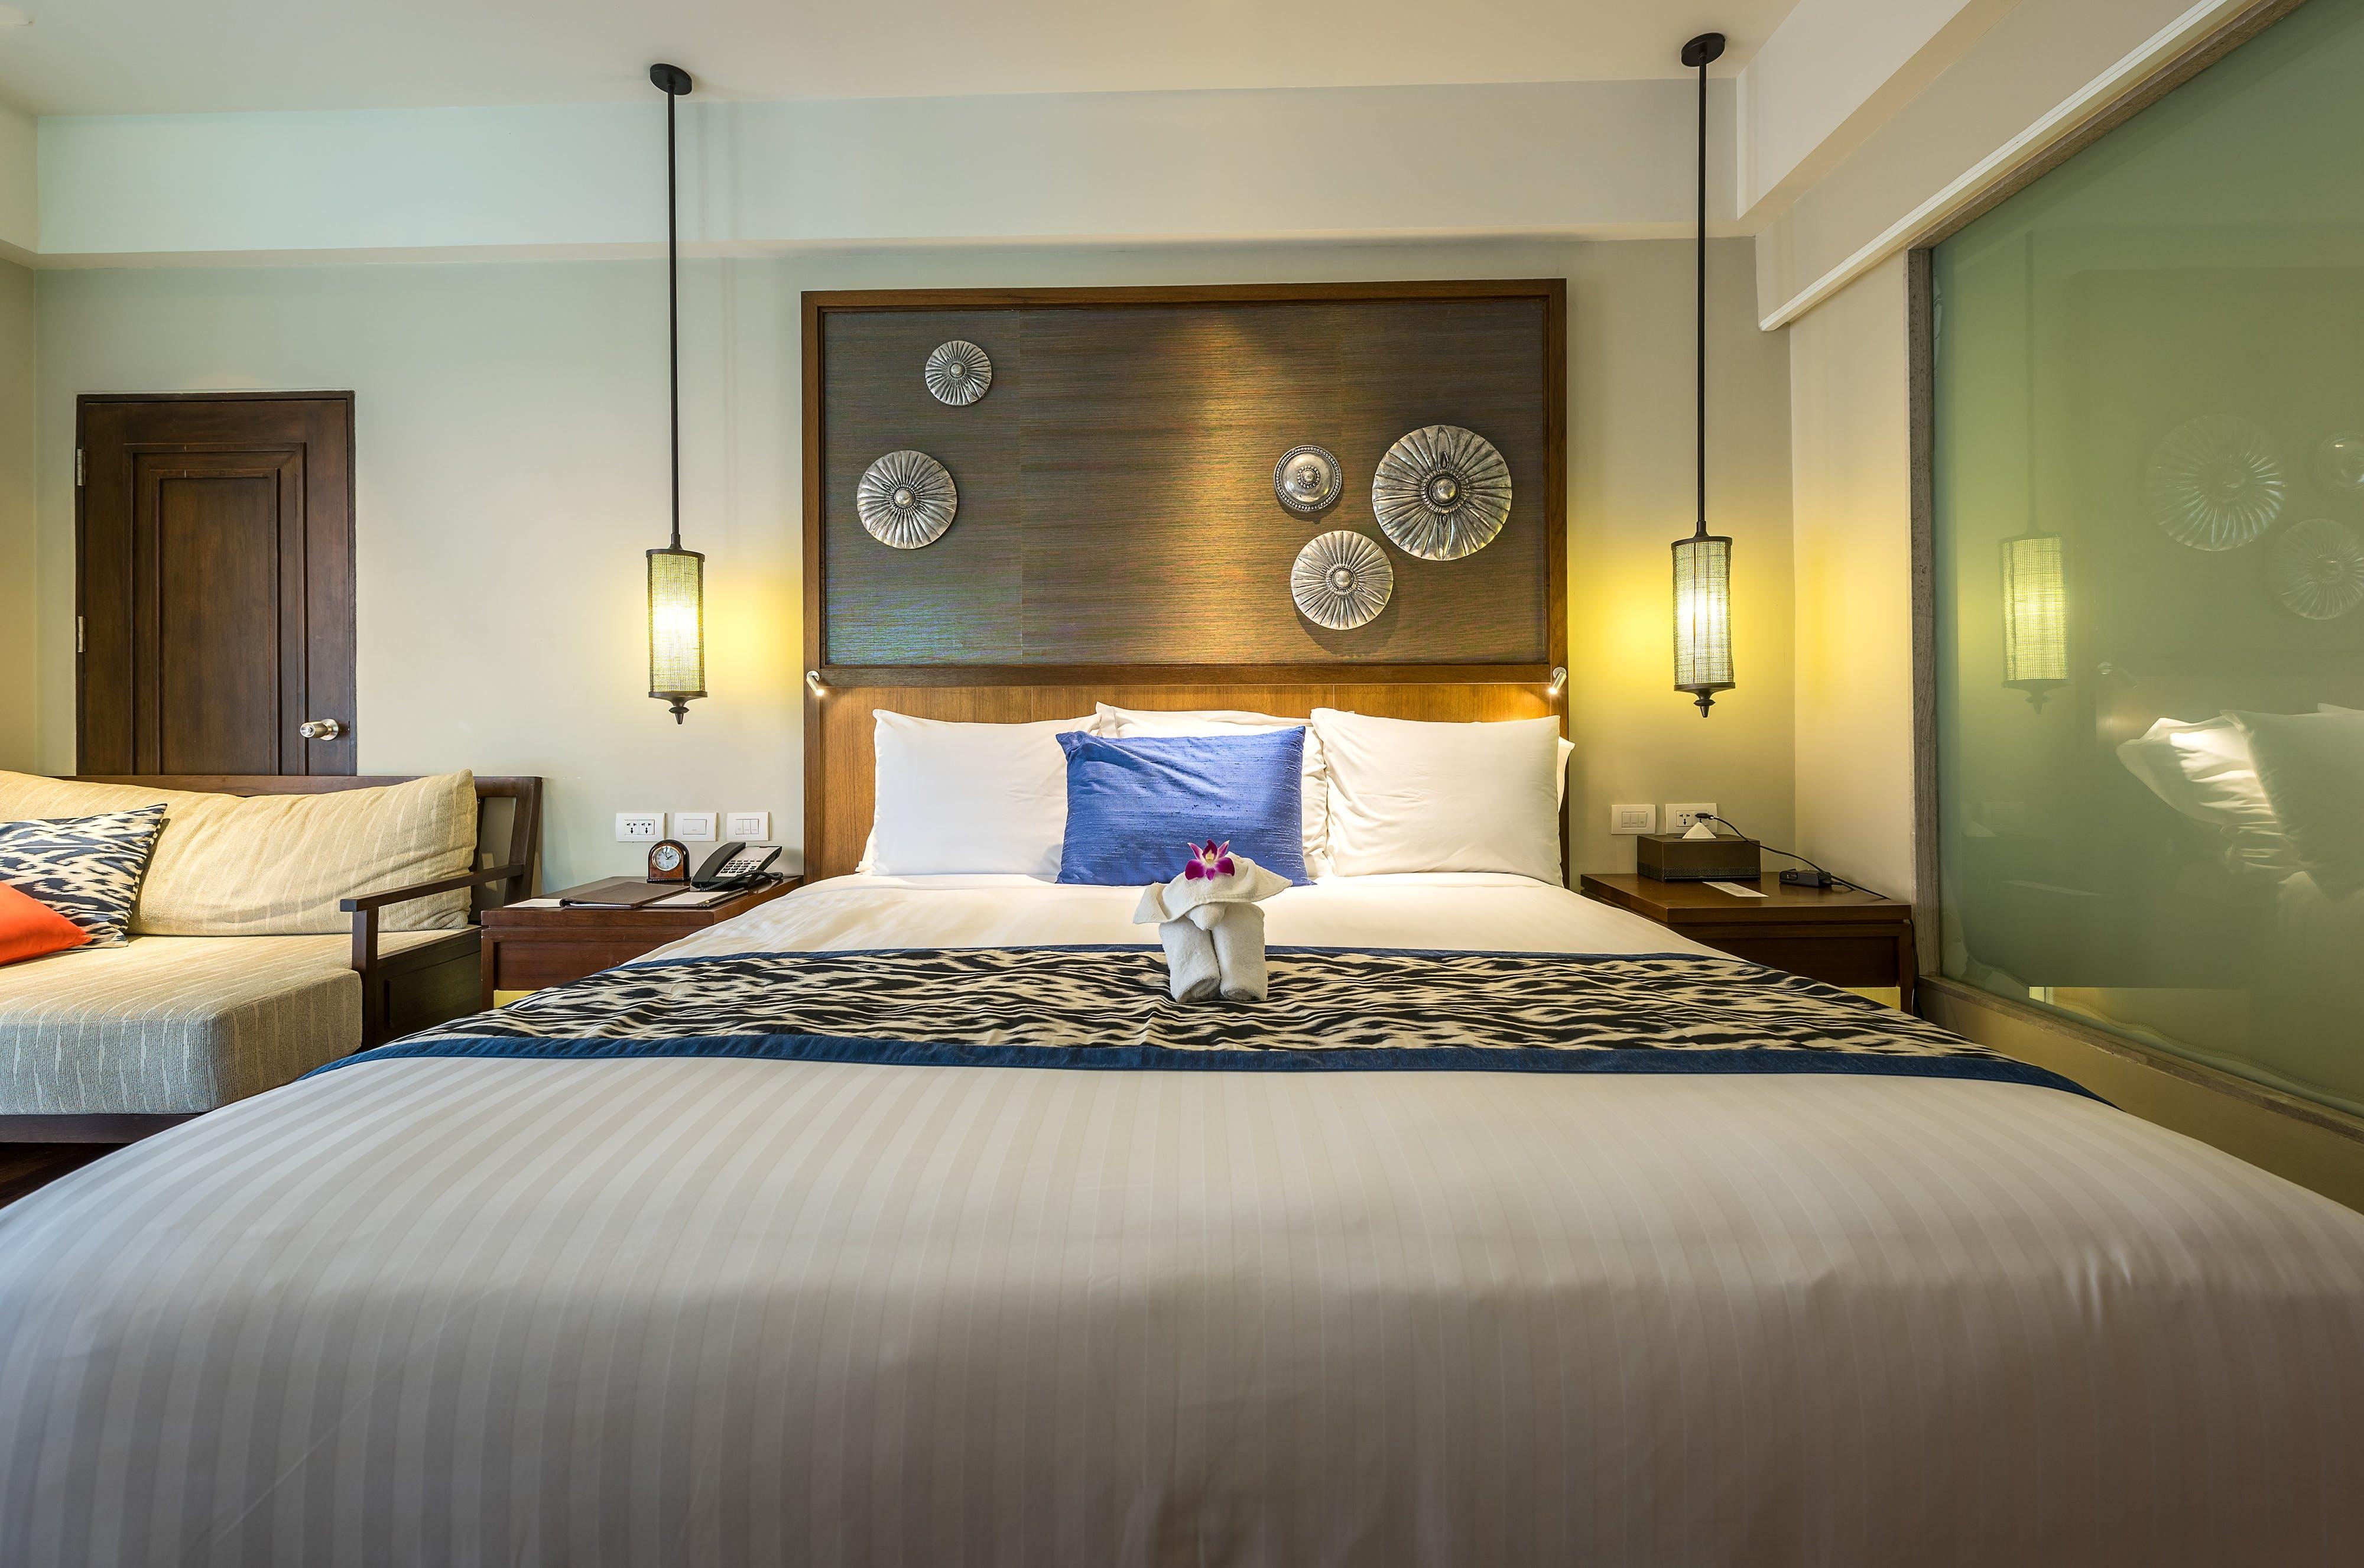 Kostenloses Stock Foto zu lampen, bett, schlafzimmer, luxus